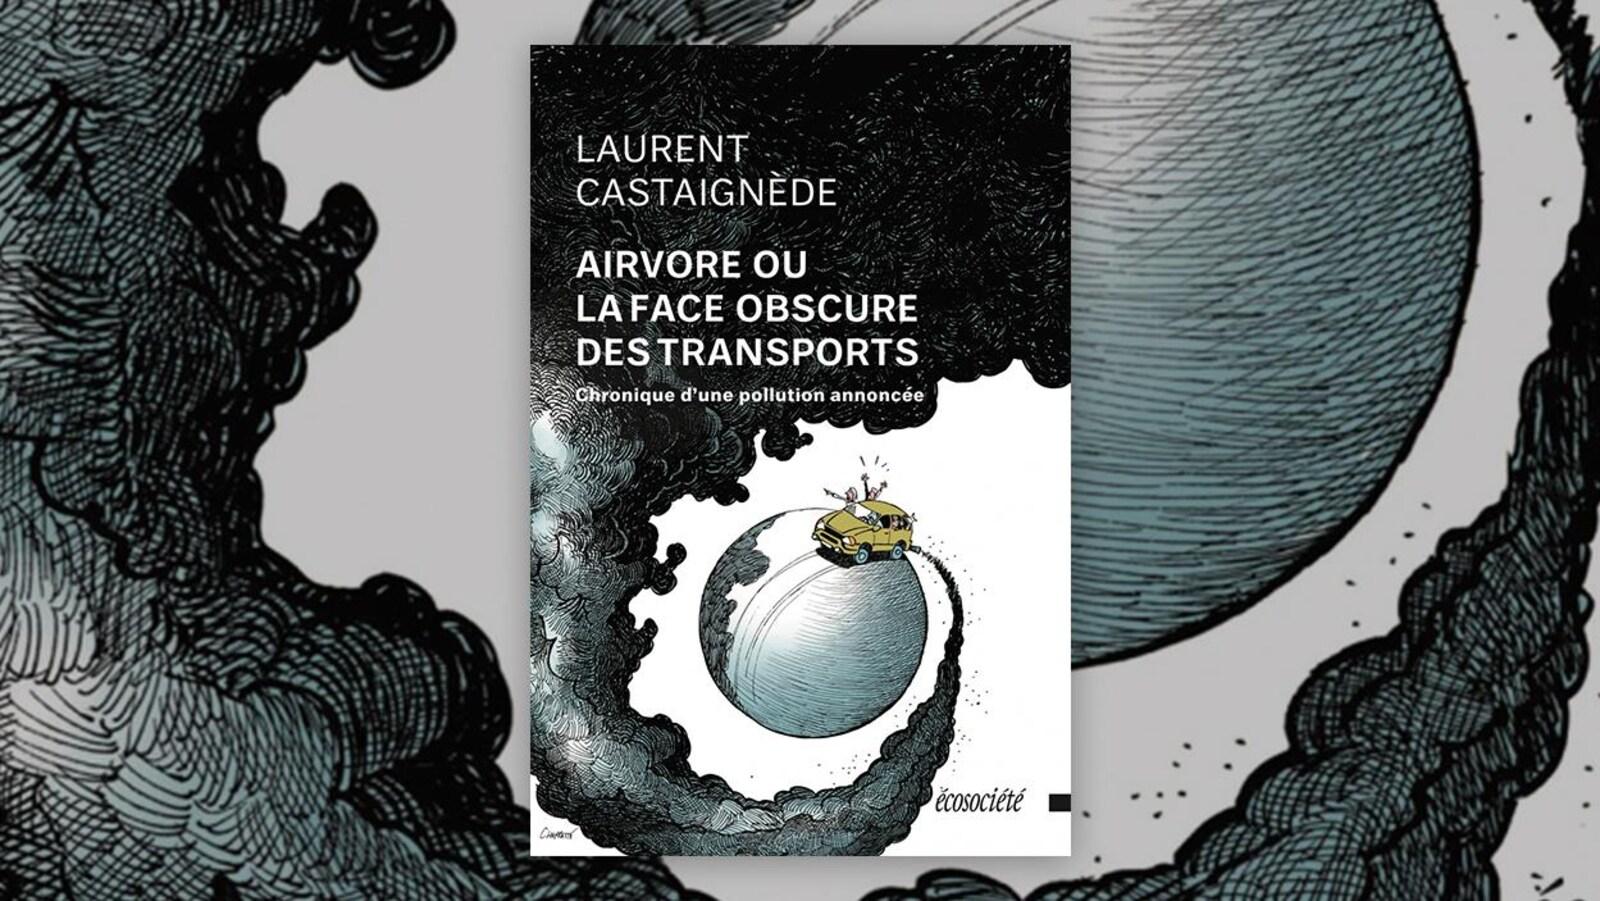 La couverture du livre « Airvore ou la face obscure des transports. Chronique d'une pollution annoncée. » de Laurent Castaignède